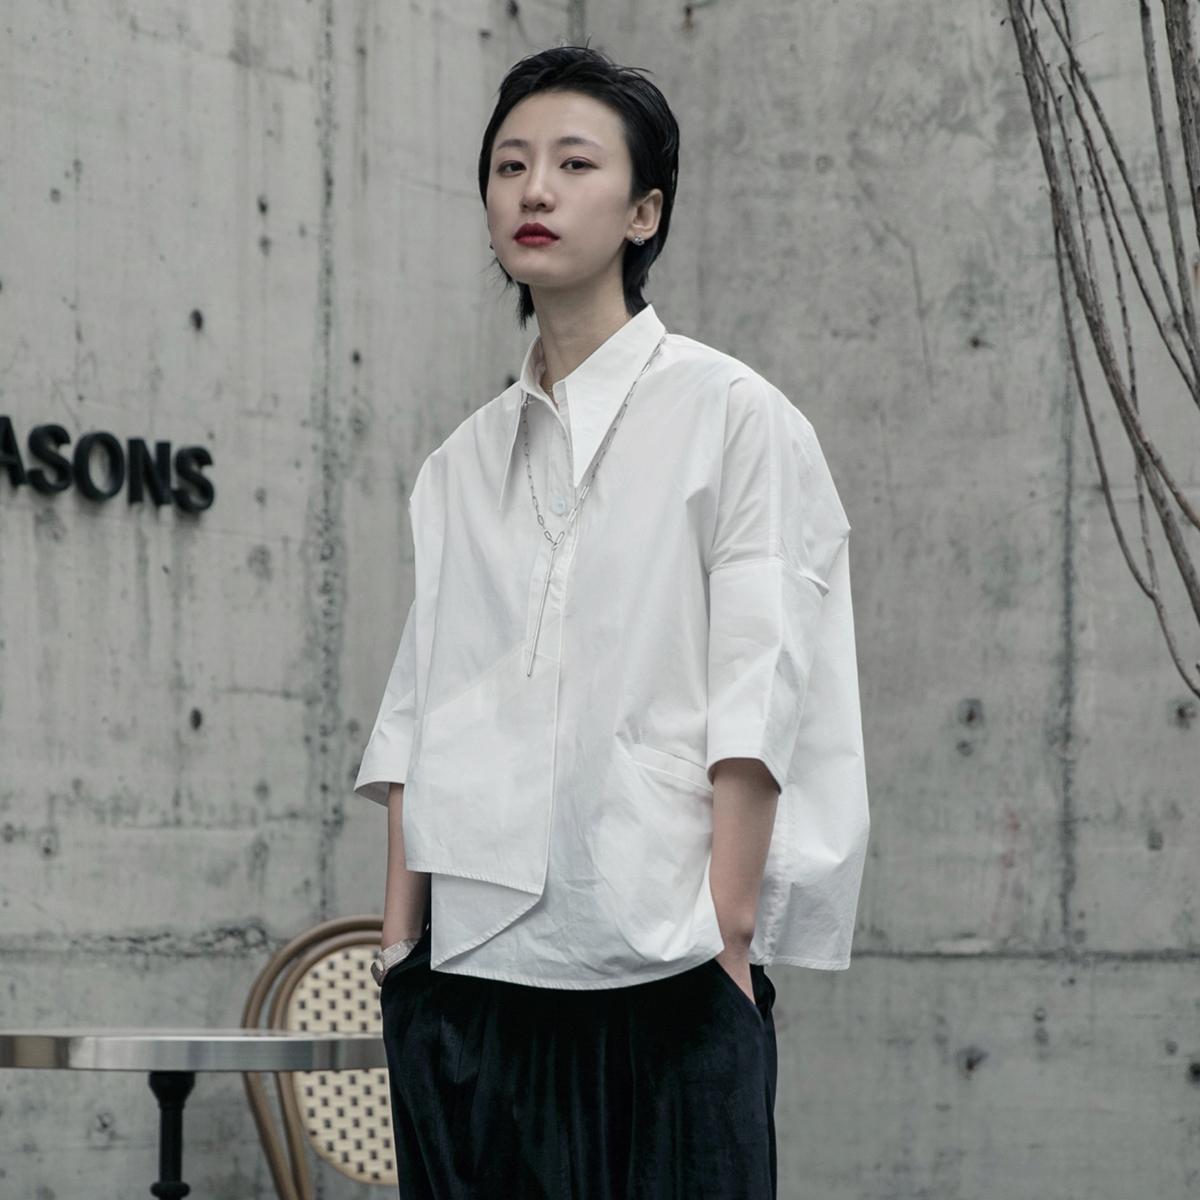 衬衫 SIMPLE BLACK 2021春秋简约港风设计师款夏季不规则七分袖衬衫女_推荐淘宝好看的女衬衫